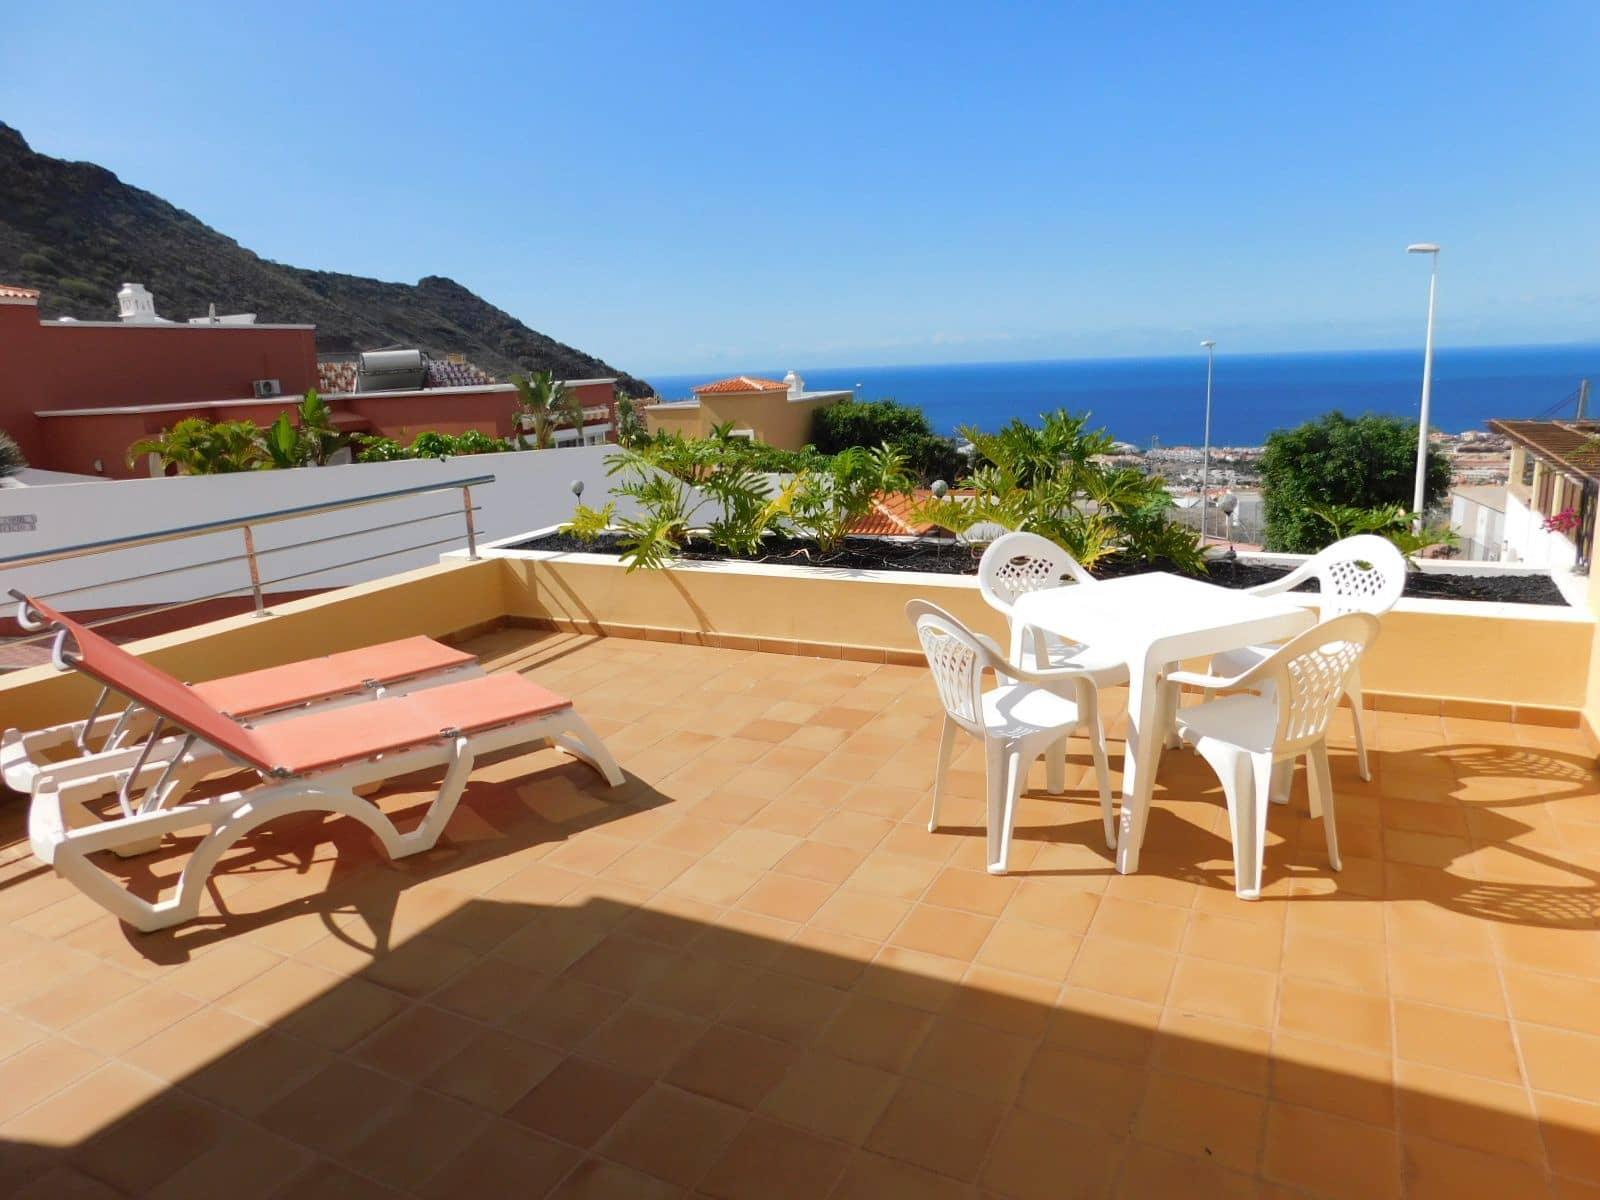 4 soverom Kjedet enebolig til salgs i Torviscas med svømmebasseng garasje - € 1 100 000 (Ref: 5661526)